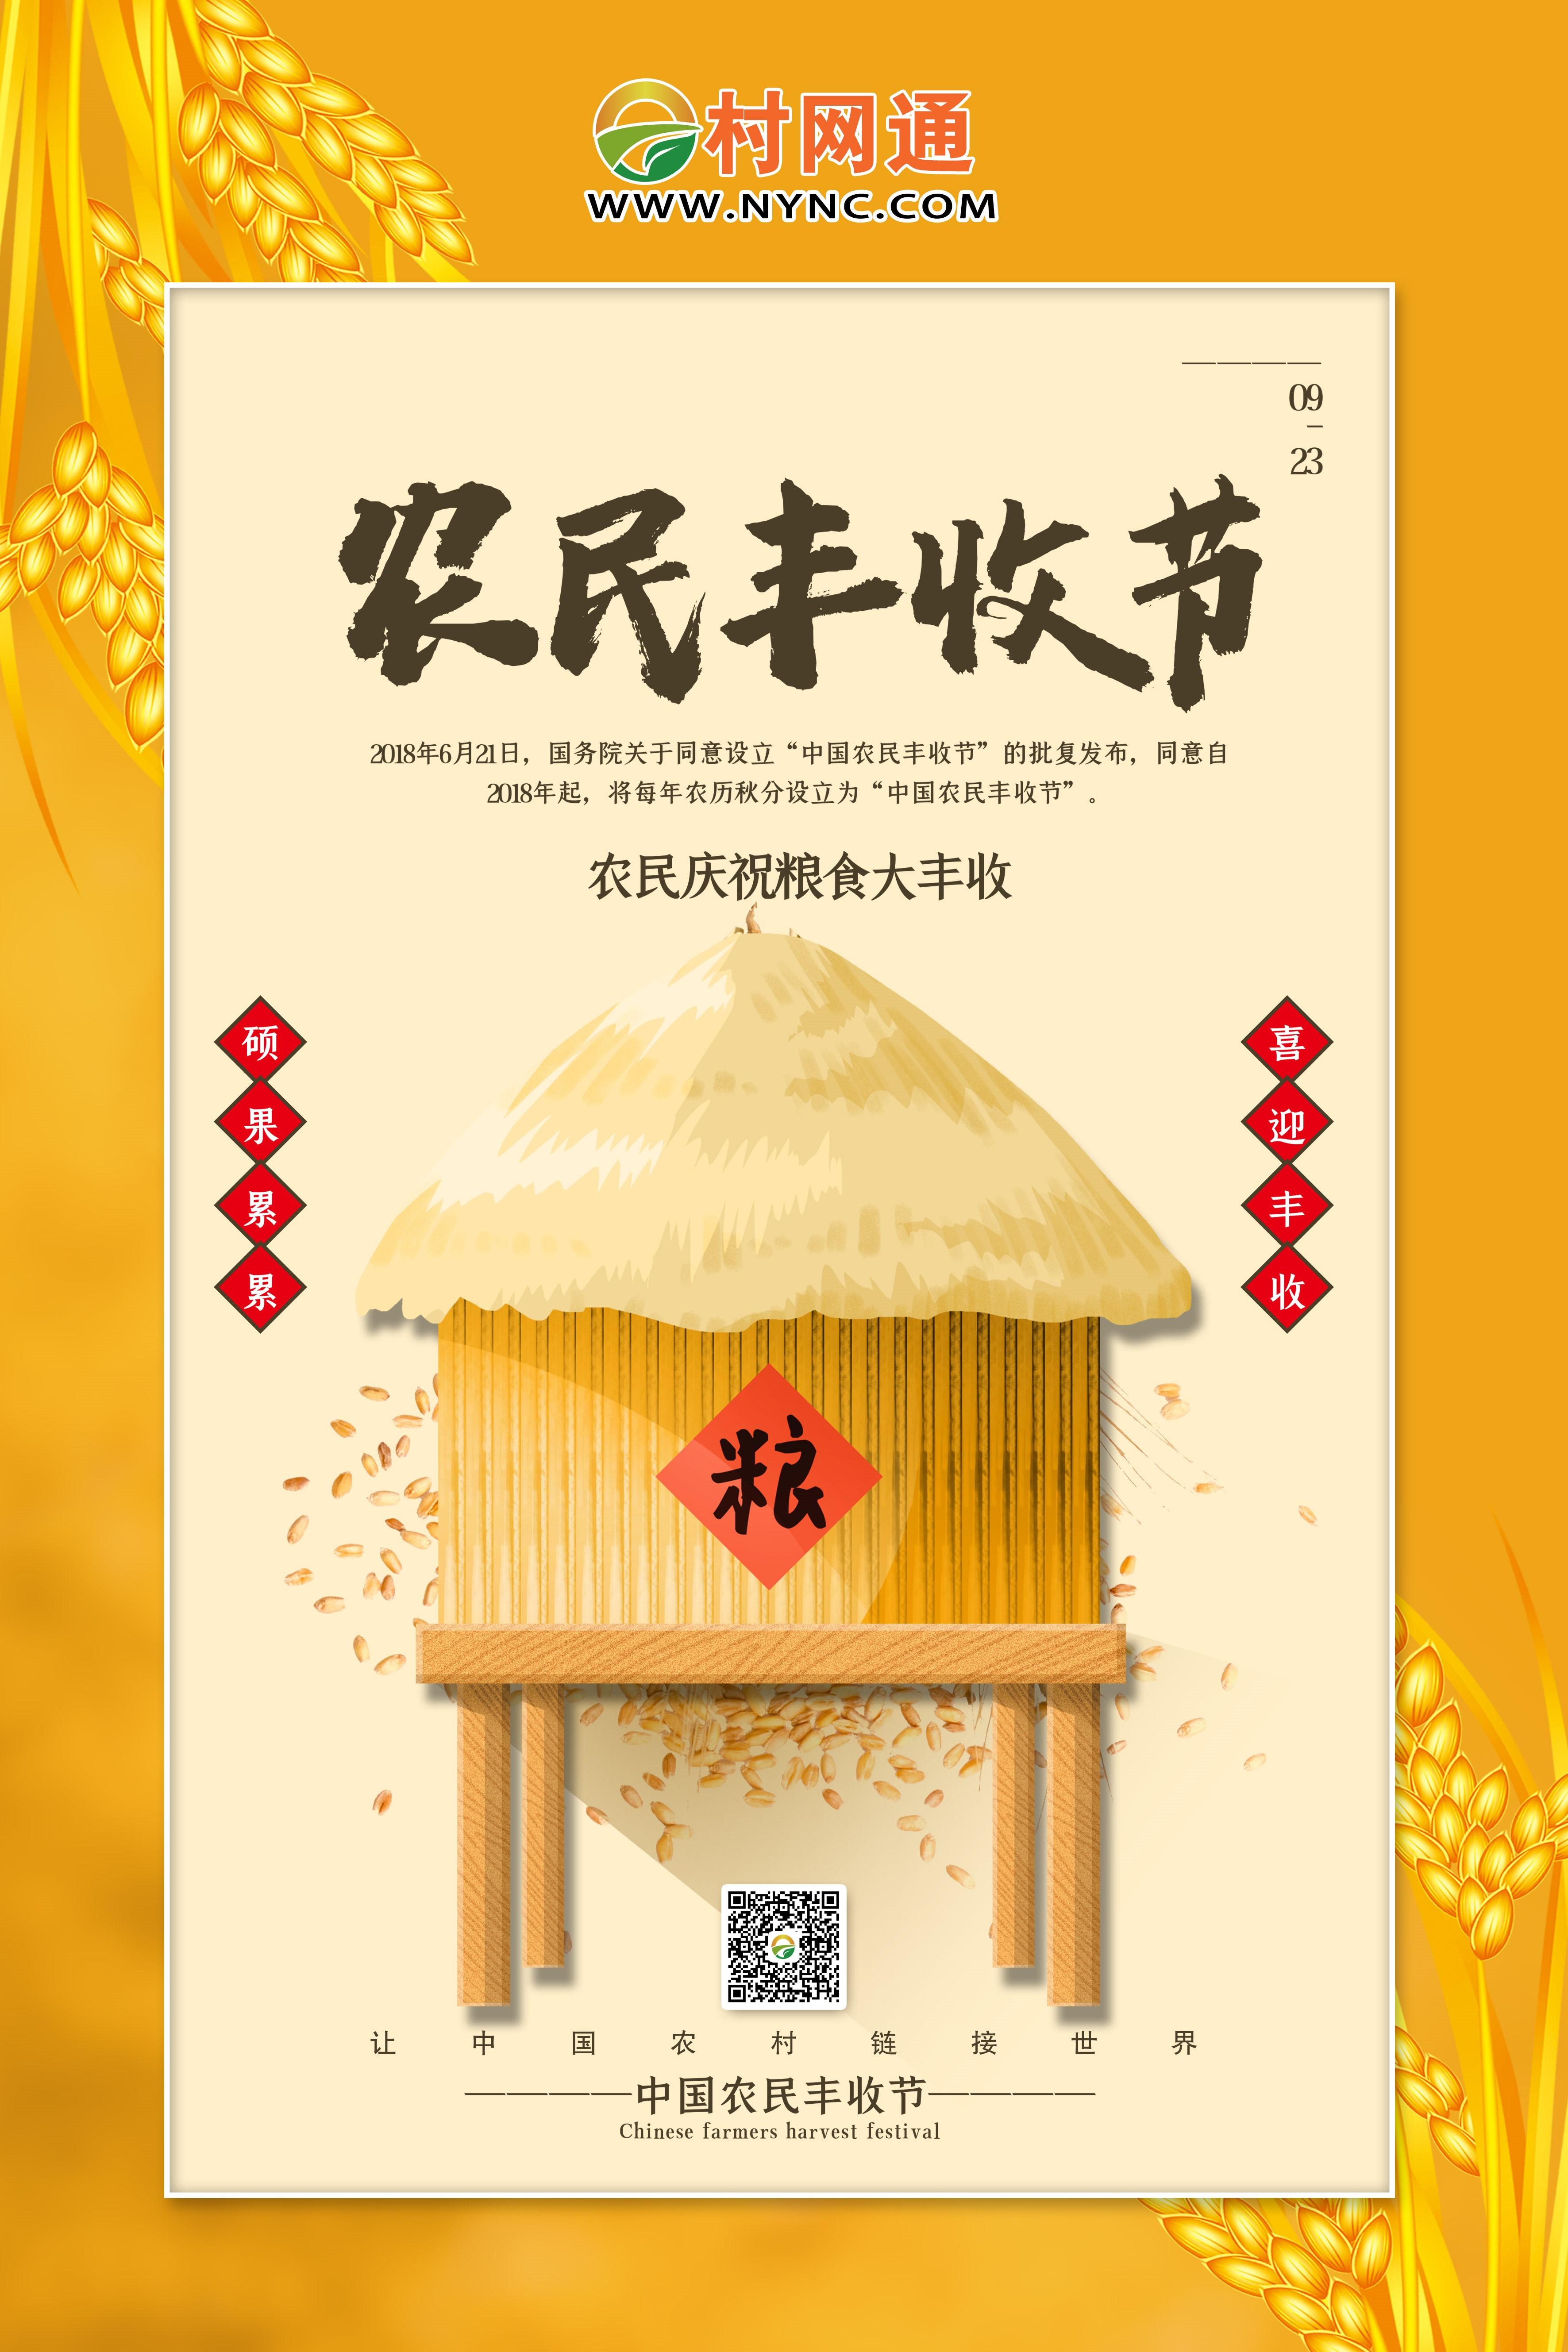 村网通丰收节专题宣传海报